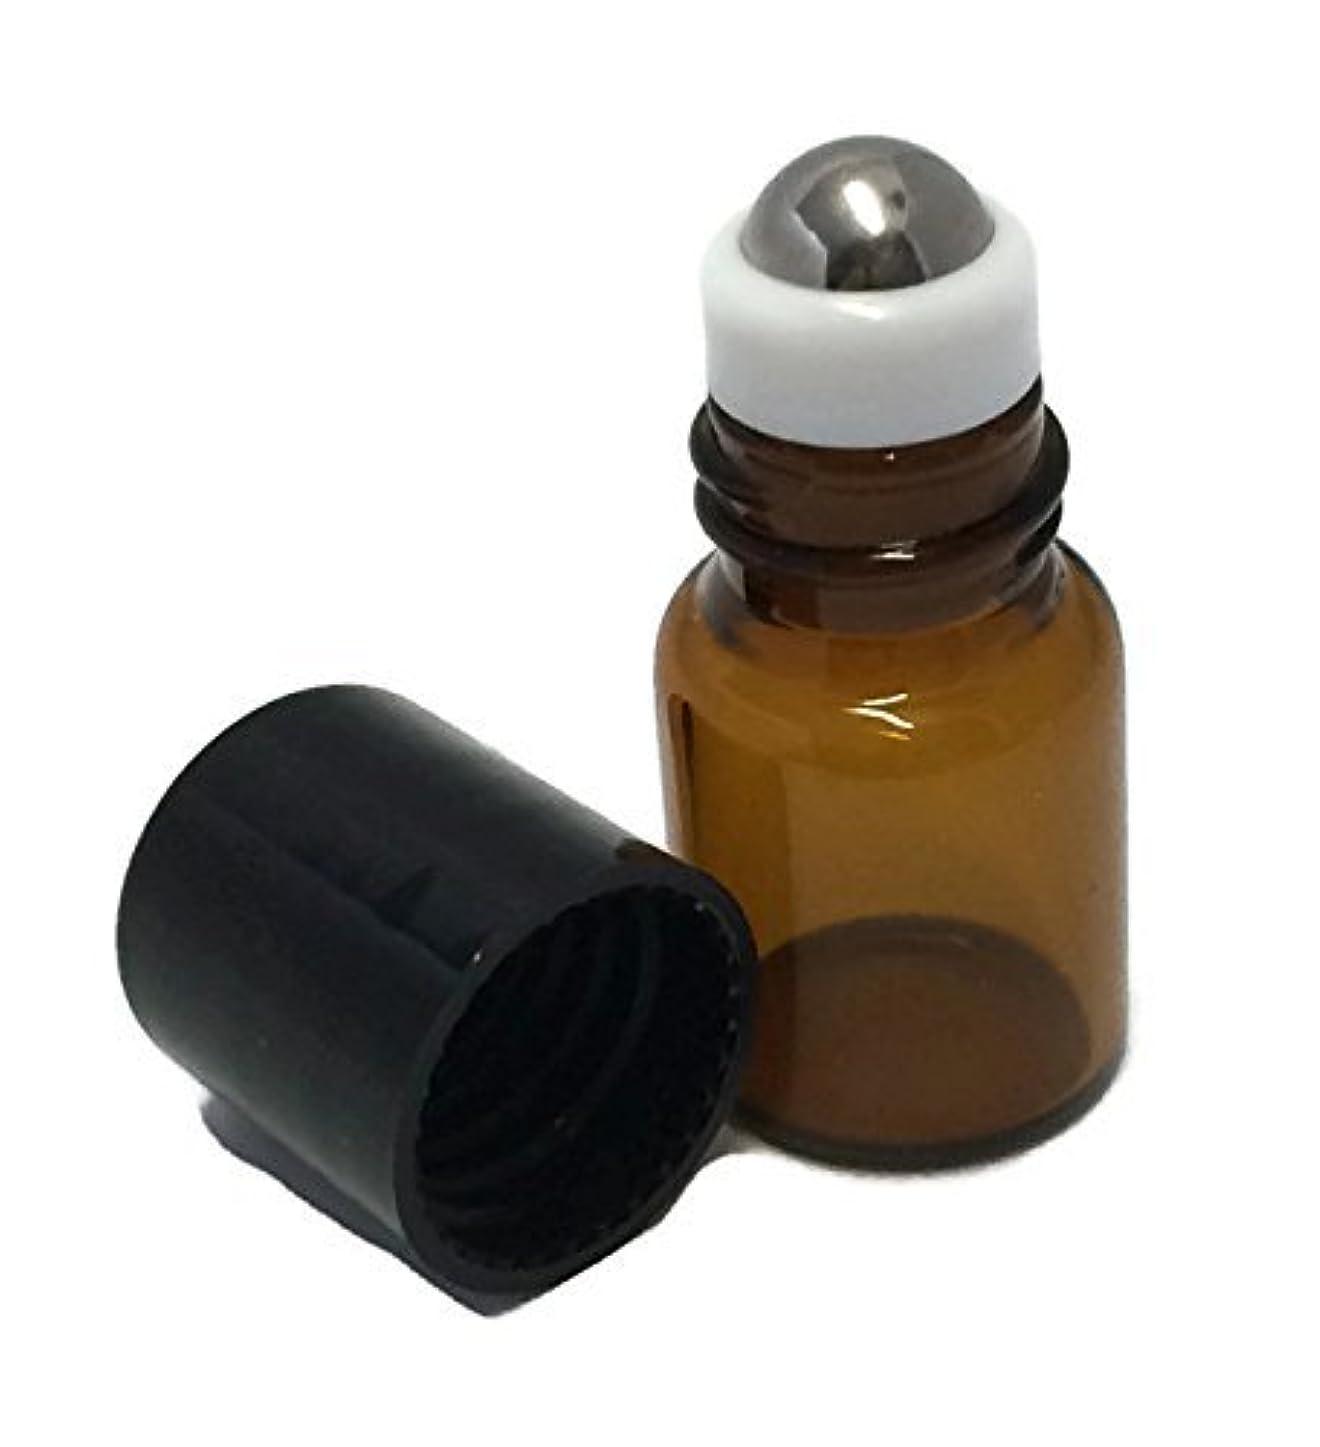 無法者役職定期的なUSA 72ea - Amber Glass 2 ml, 5/8 Dram Mini Roll-On Glass Bottles with Stainless Steel Roller Balls - Refillable...